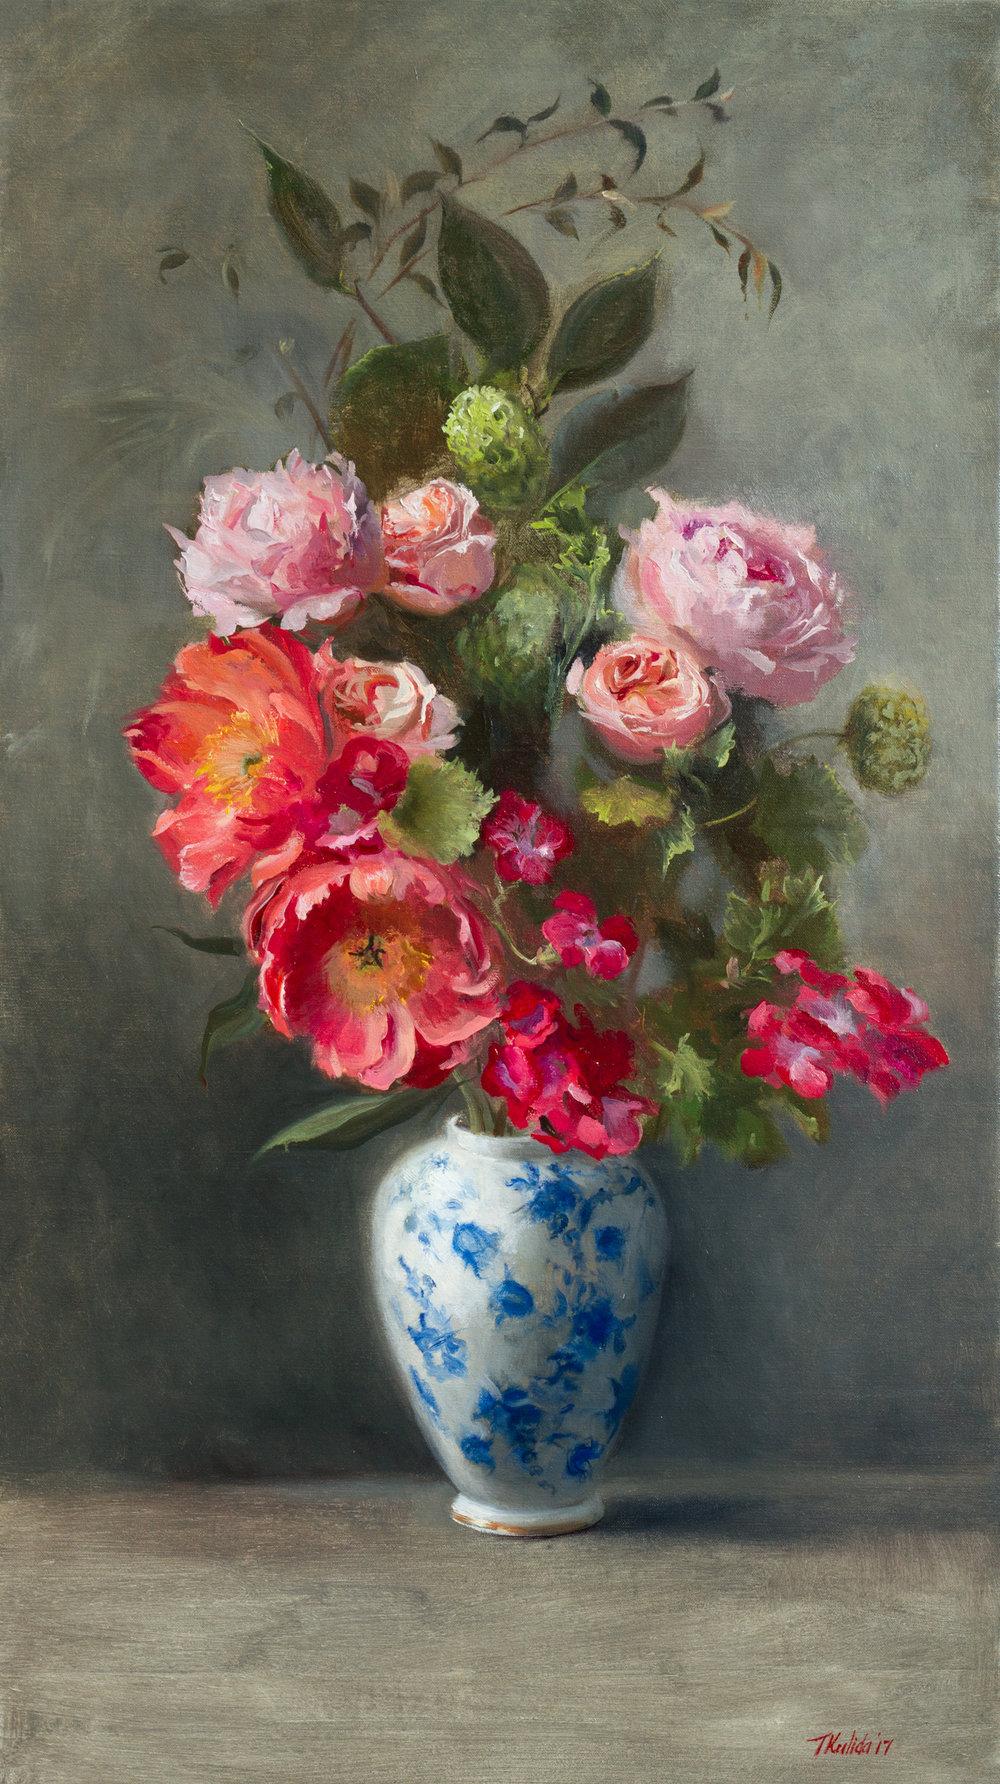 Flowers in a Blue Vase, oil on linen, 50x80, unframed, November 2017